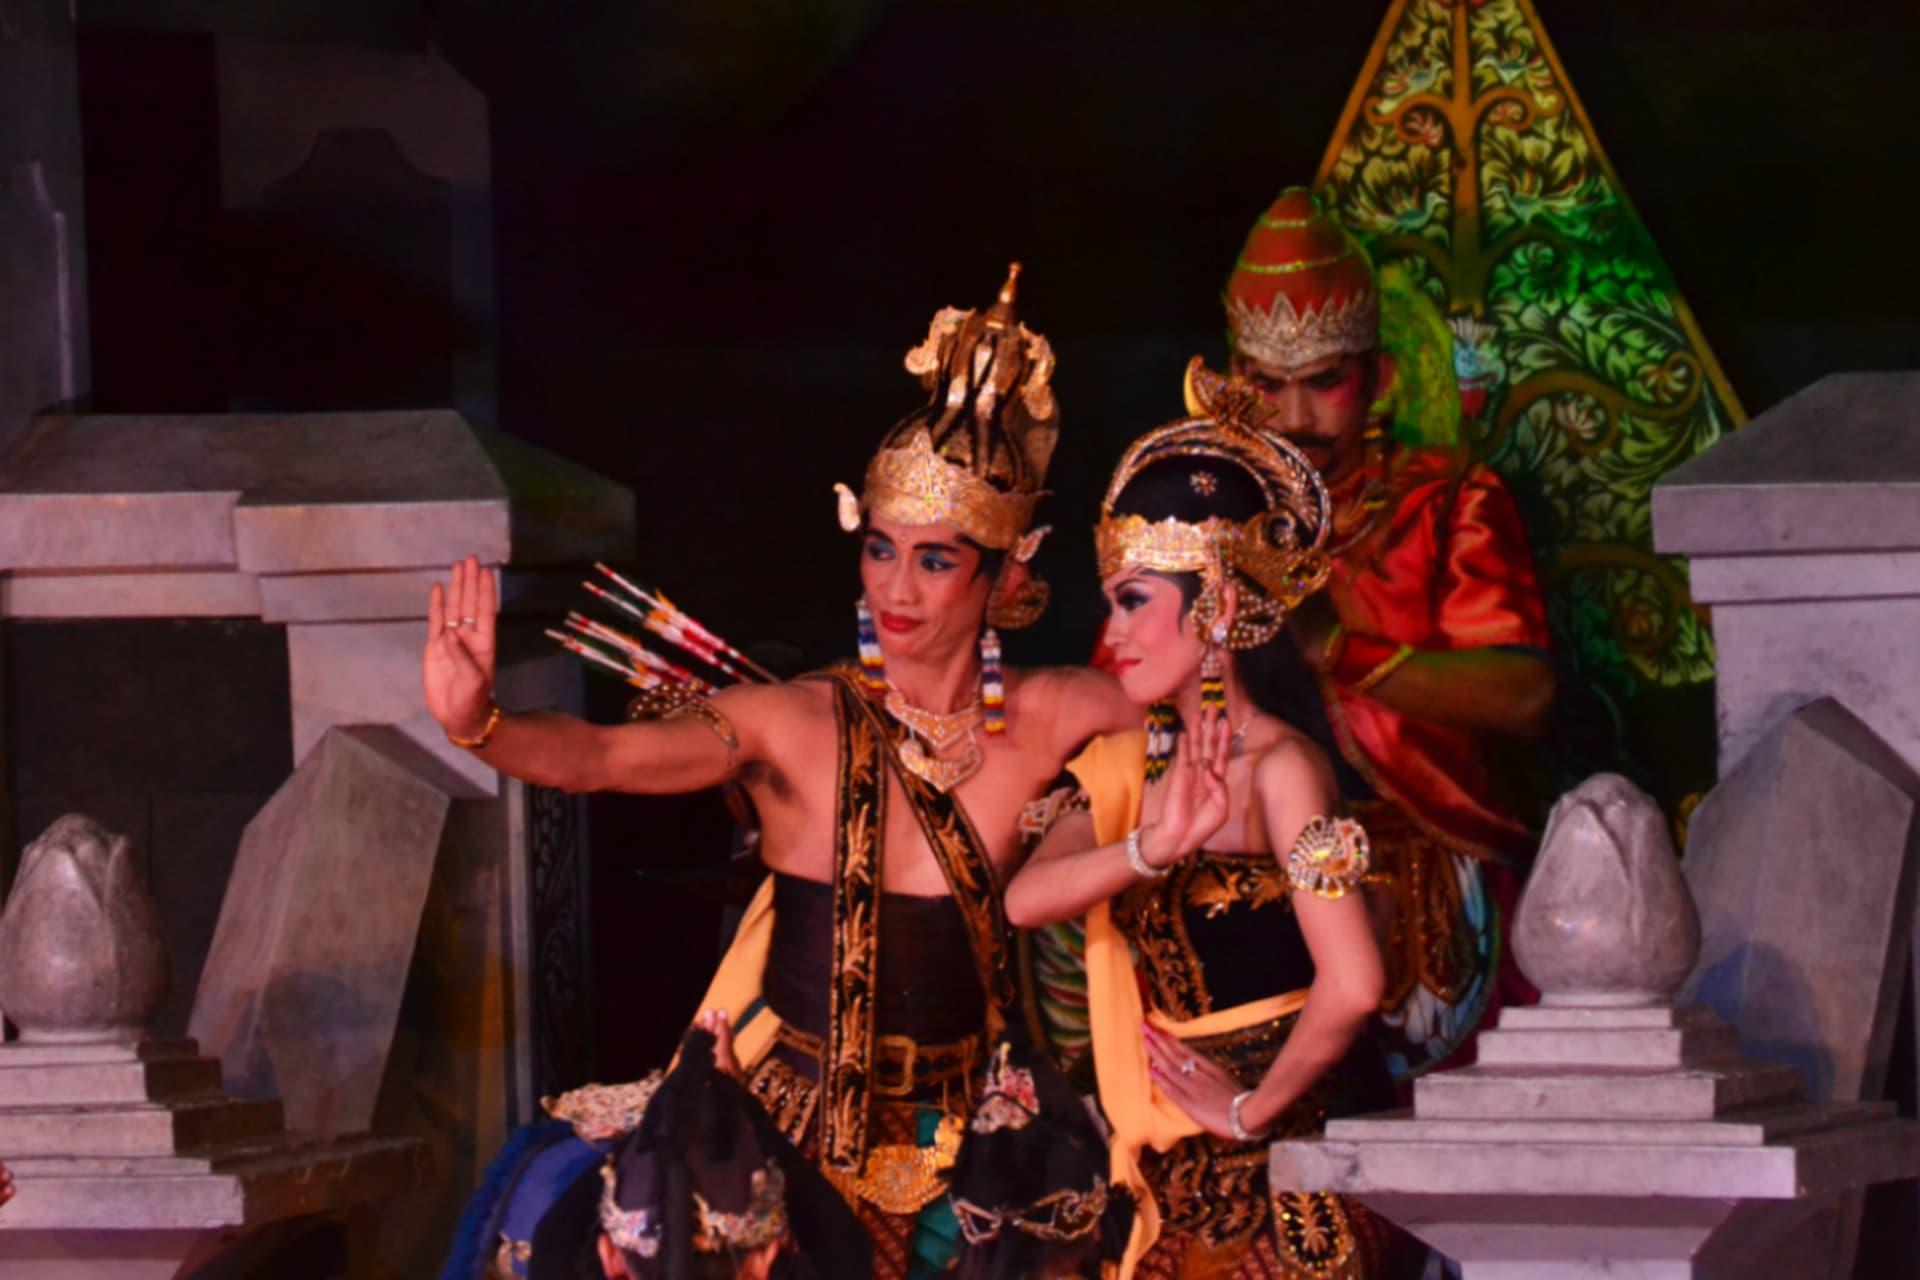 Tiket Ramayana Ballet Purawisata Yogyakarta Tiket Com